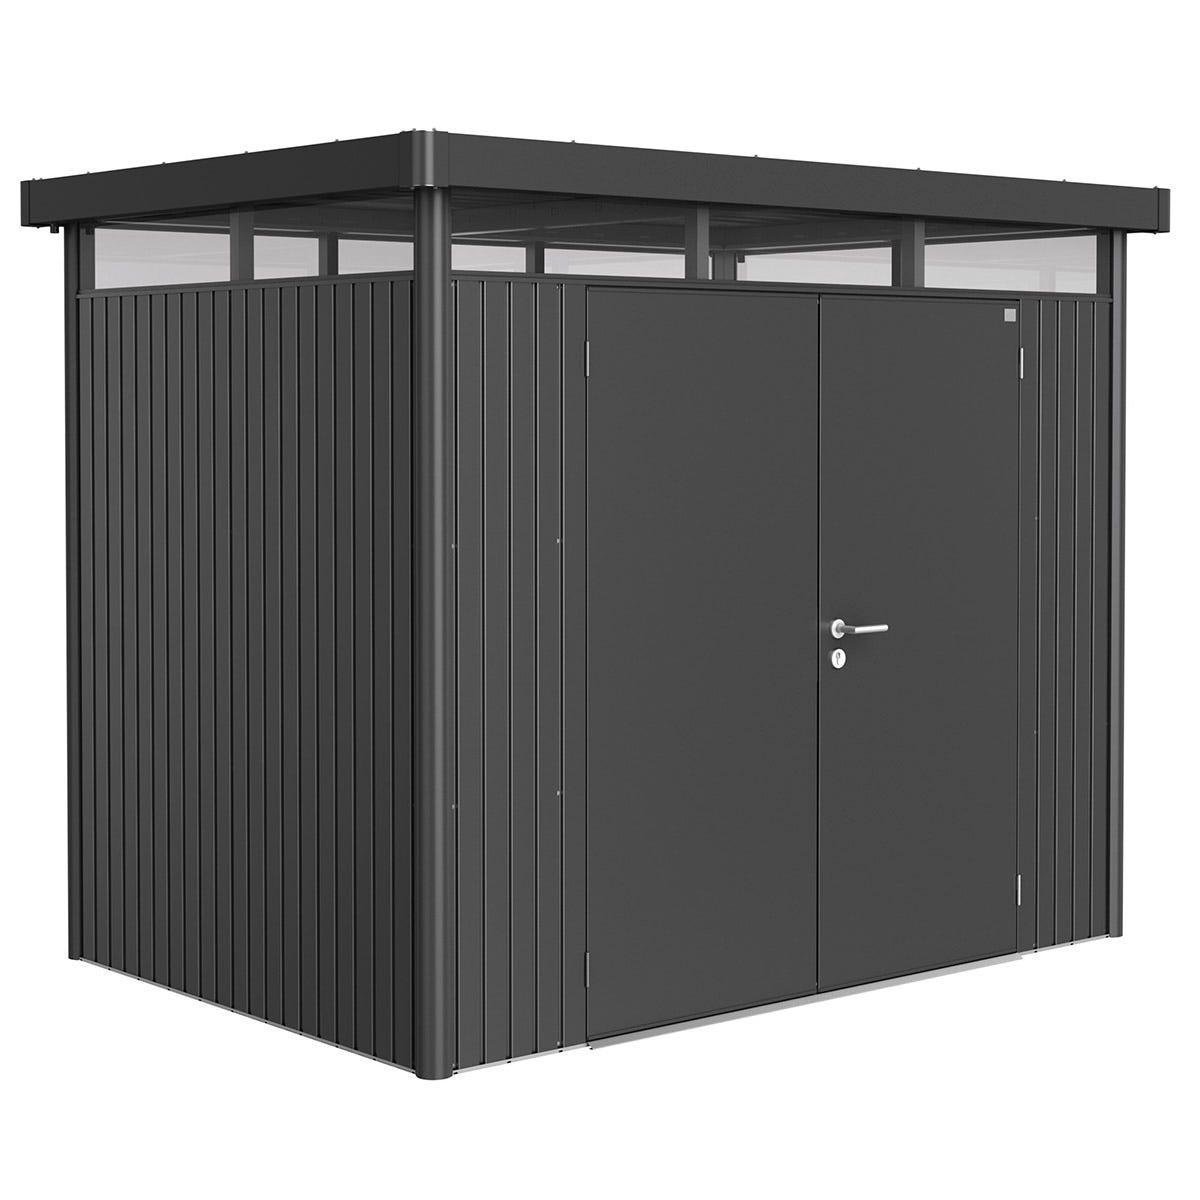 Biohort Highline Metal Shed H2 Double door 9 x 6 - Dark Grey